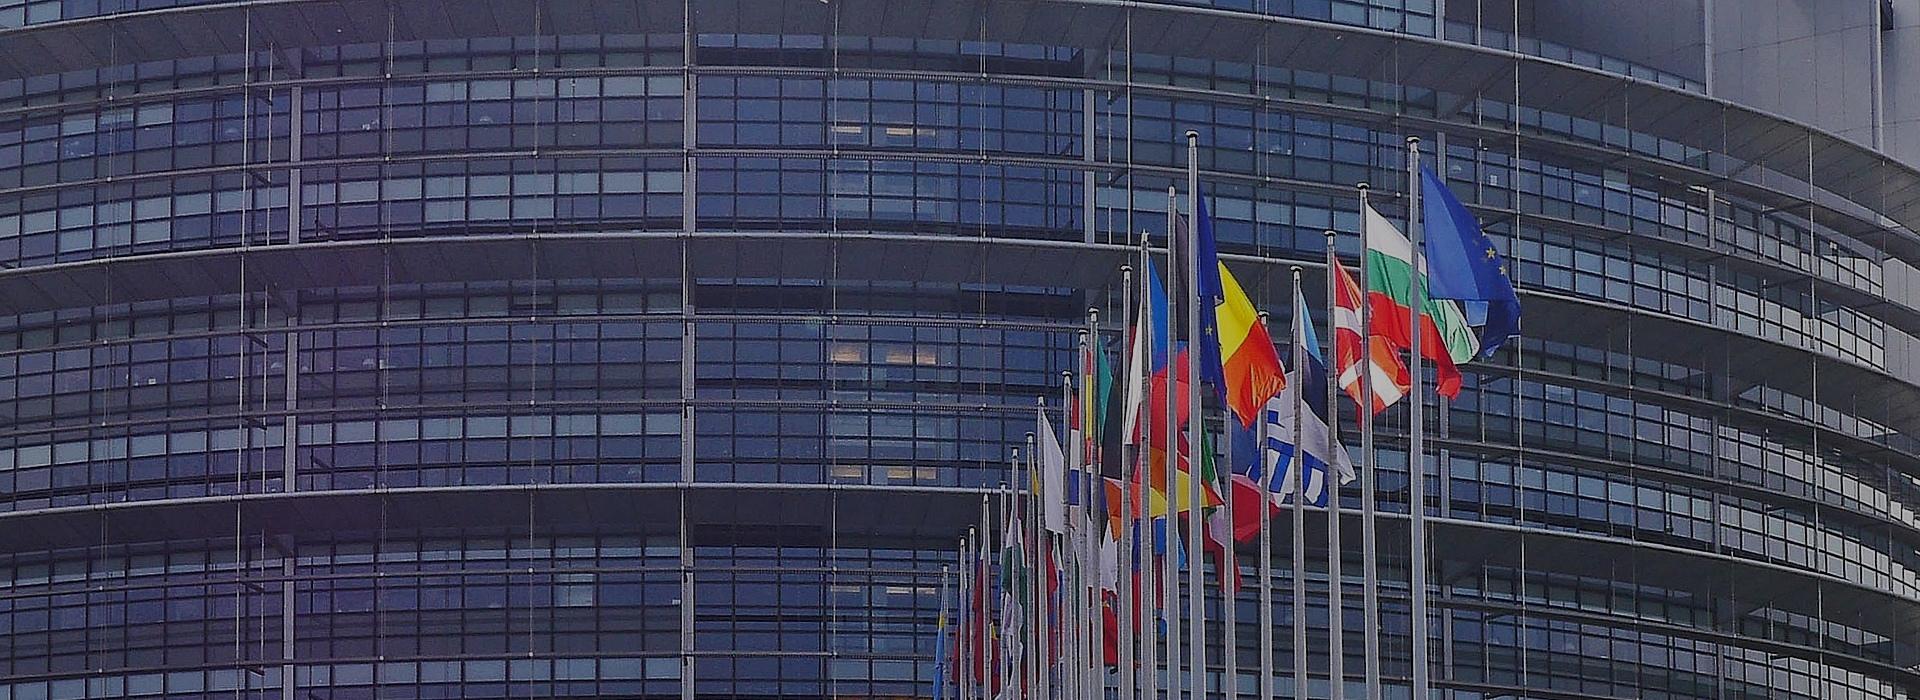 Vuoi conoscere le numerose opportunità che l'Europa propone?